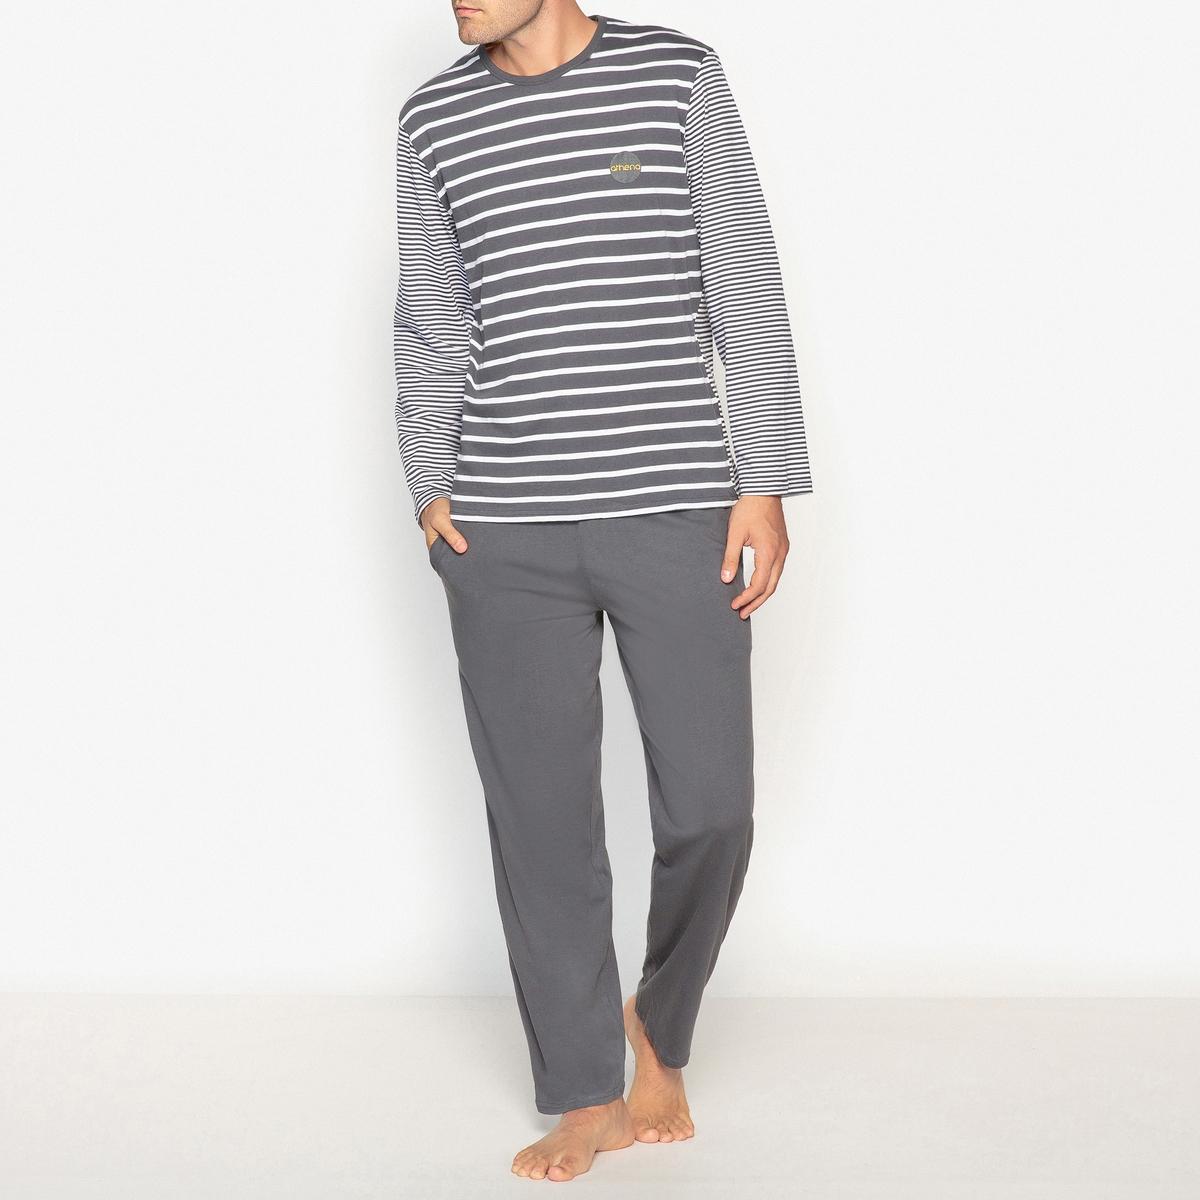 Пижама с футболкой в полоску с длинными рукавами, 100% хлопокПижама ATHENA с футболкой в полоску с длинными однотонными рукавами. Прямой покрой, круглый вырез. Брюки прямого покроя.Описание  •  Футболка в полоску с длинными рукавами •  Круглый вырез  •  Длинные брюки, эластичный пояс с затягиваемым шнурком  •  2 боковых кармана (?)Состав и уход •  Основной материал : 100% хлопок, окрашенные нити •  Машинная стирка при 30 °С •  Стирать с вещами схожих цветов<br><br>Цвет: антрацит<br>Размер: XXL